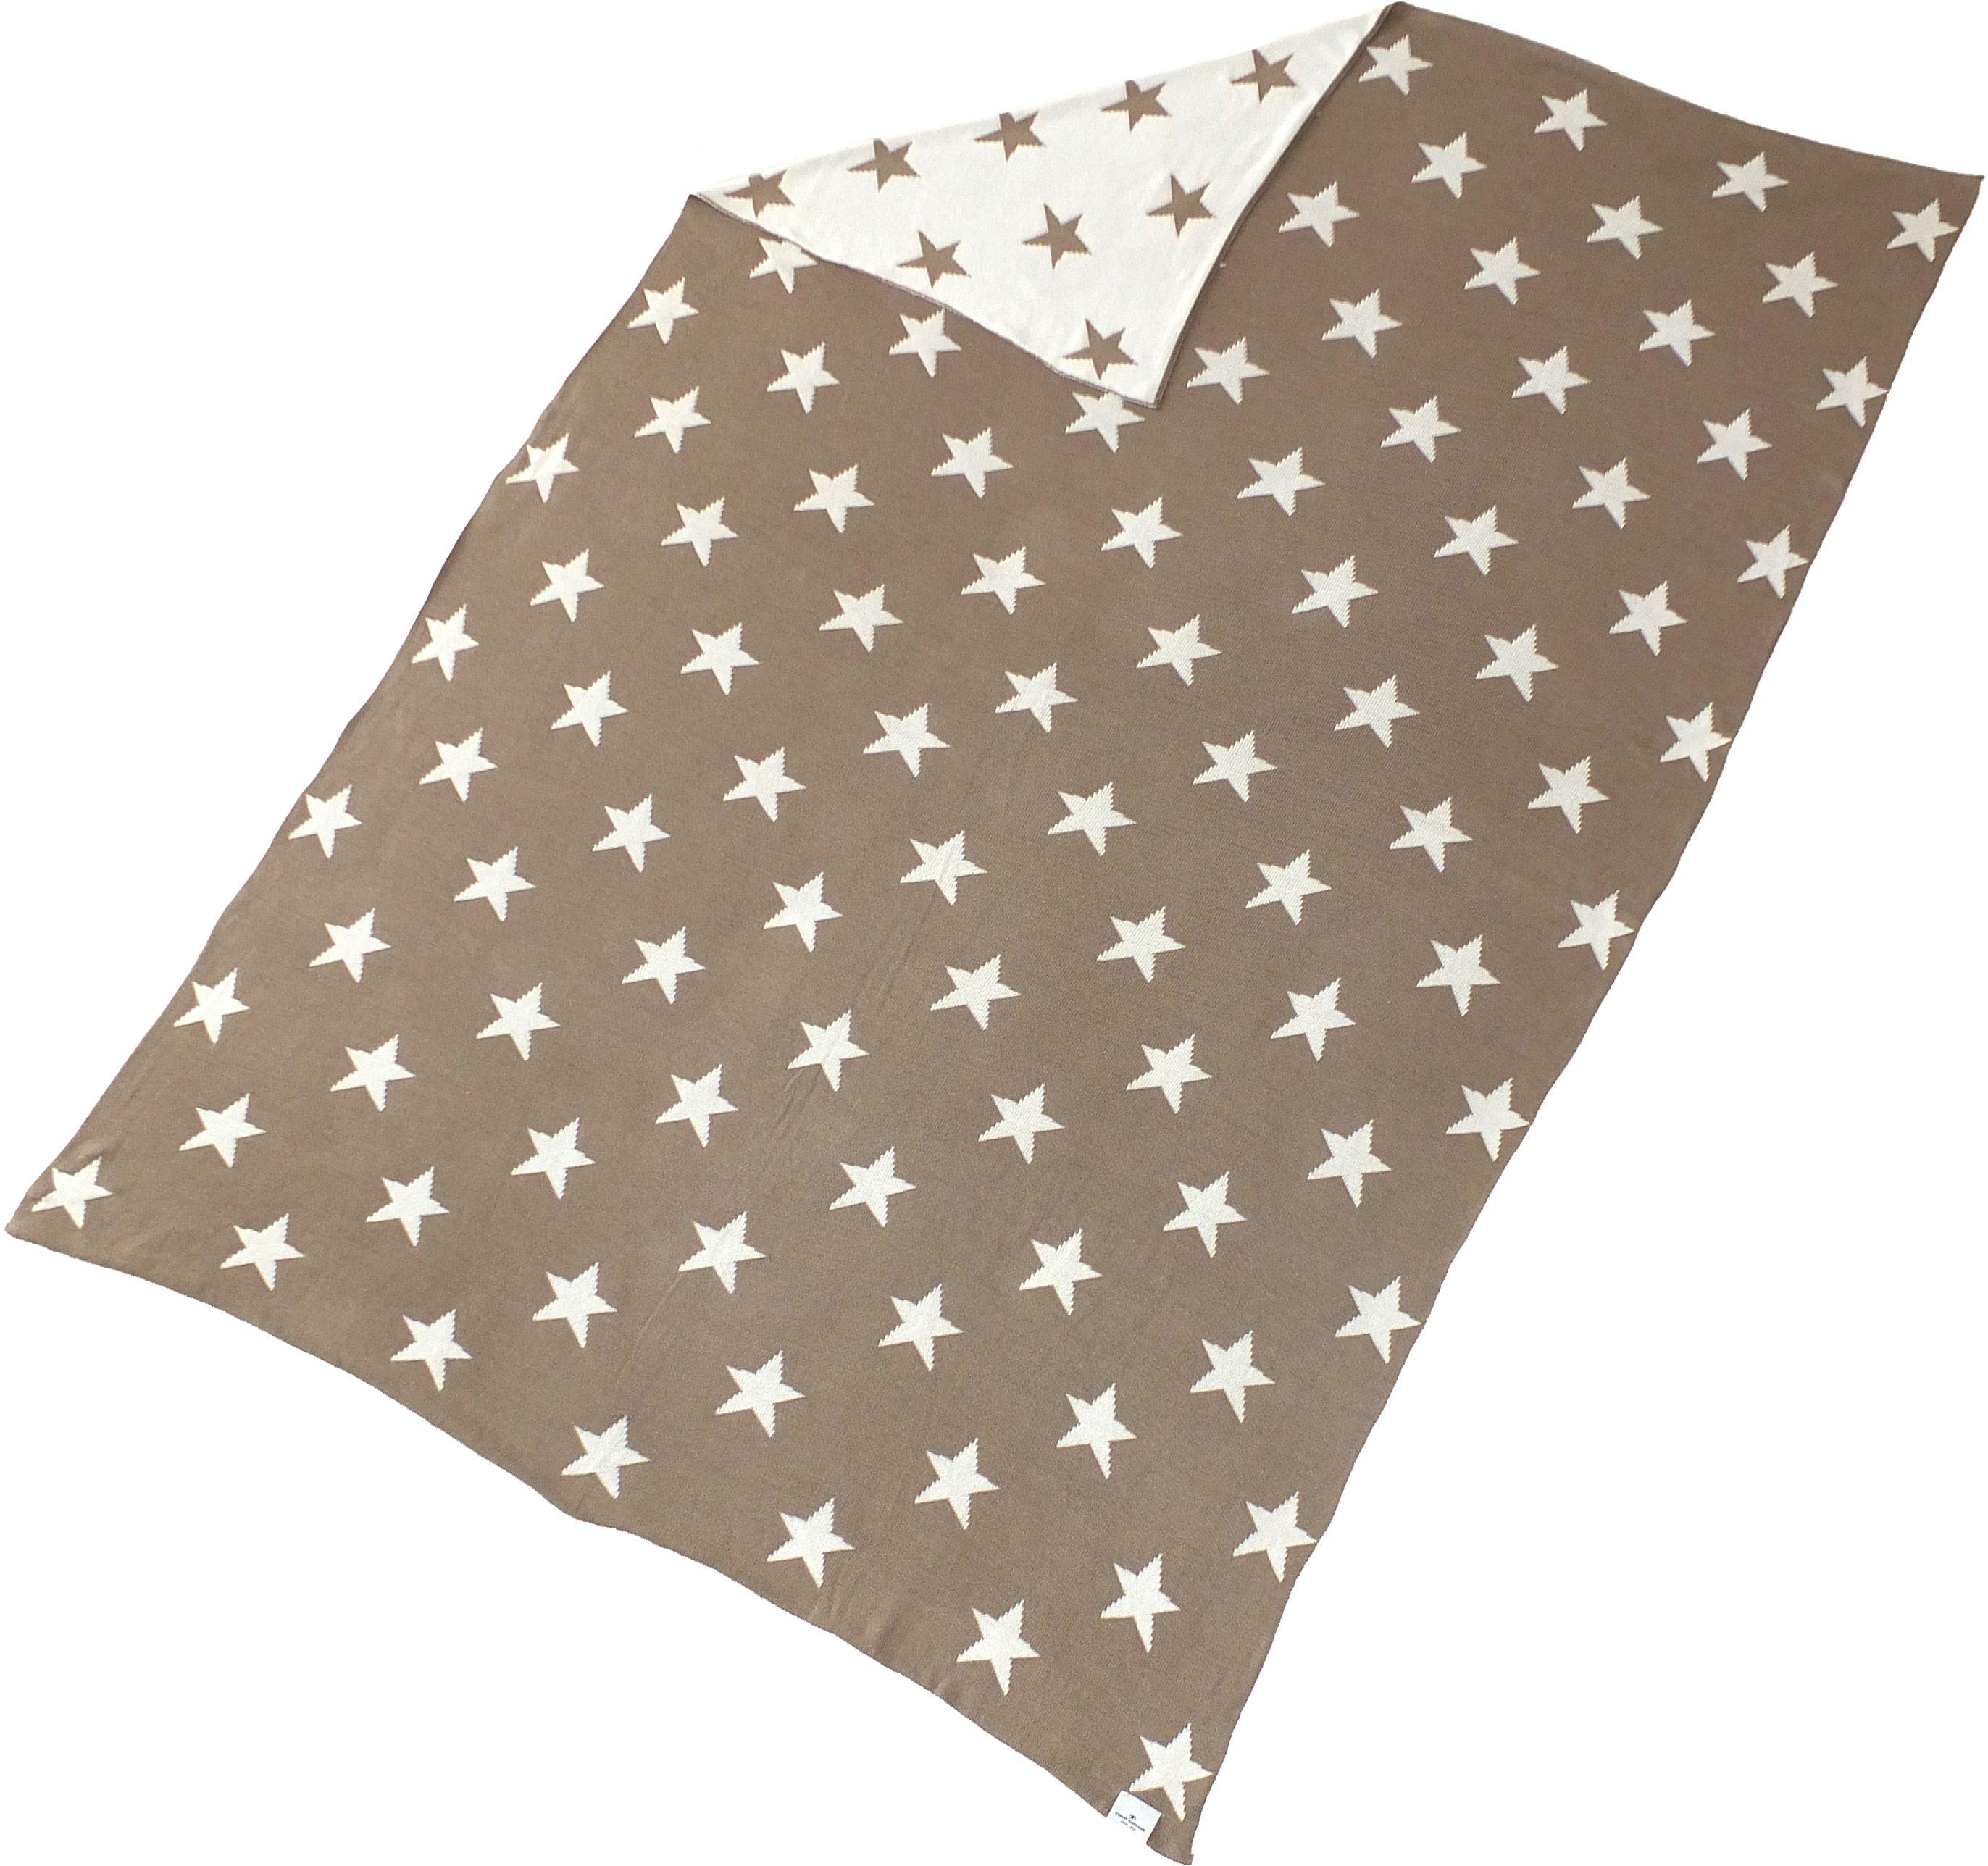 Wohndecke, Tom Tailor, »Little Star«, mit kleinen Sternen